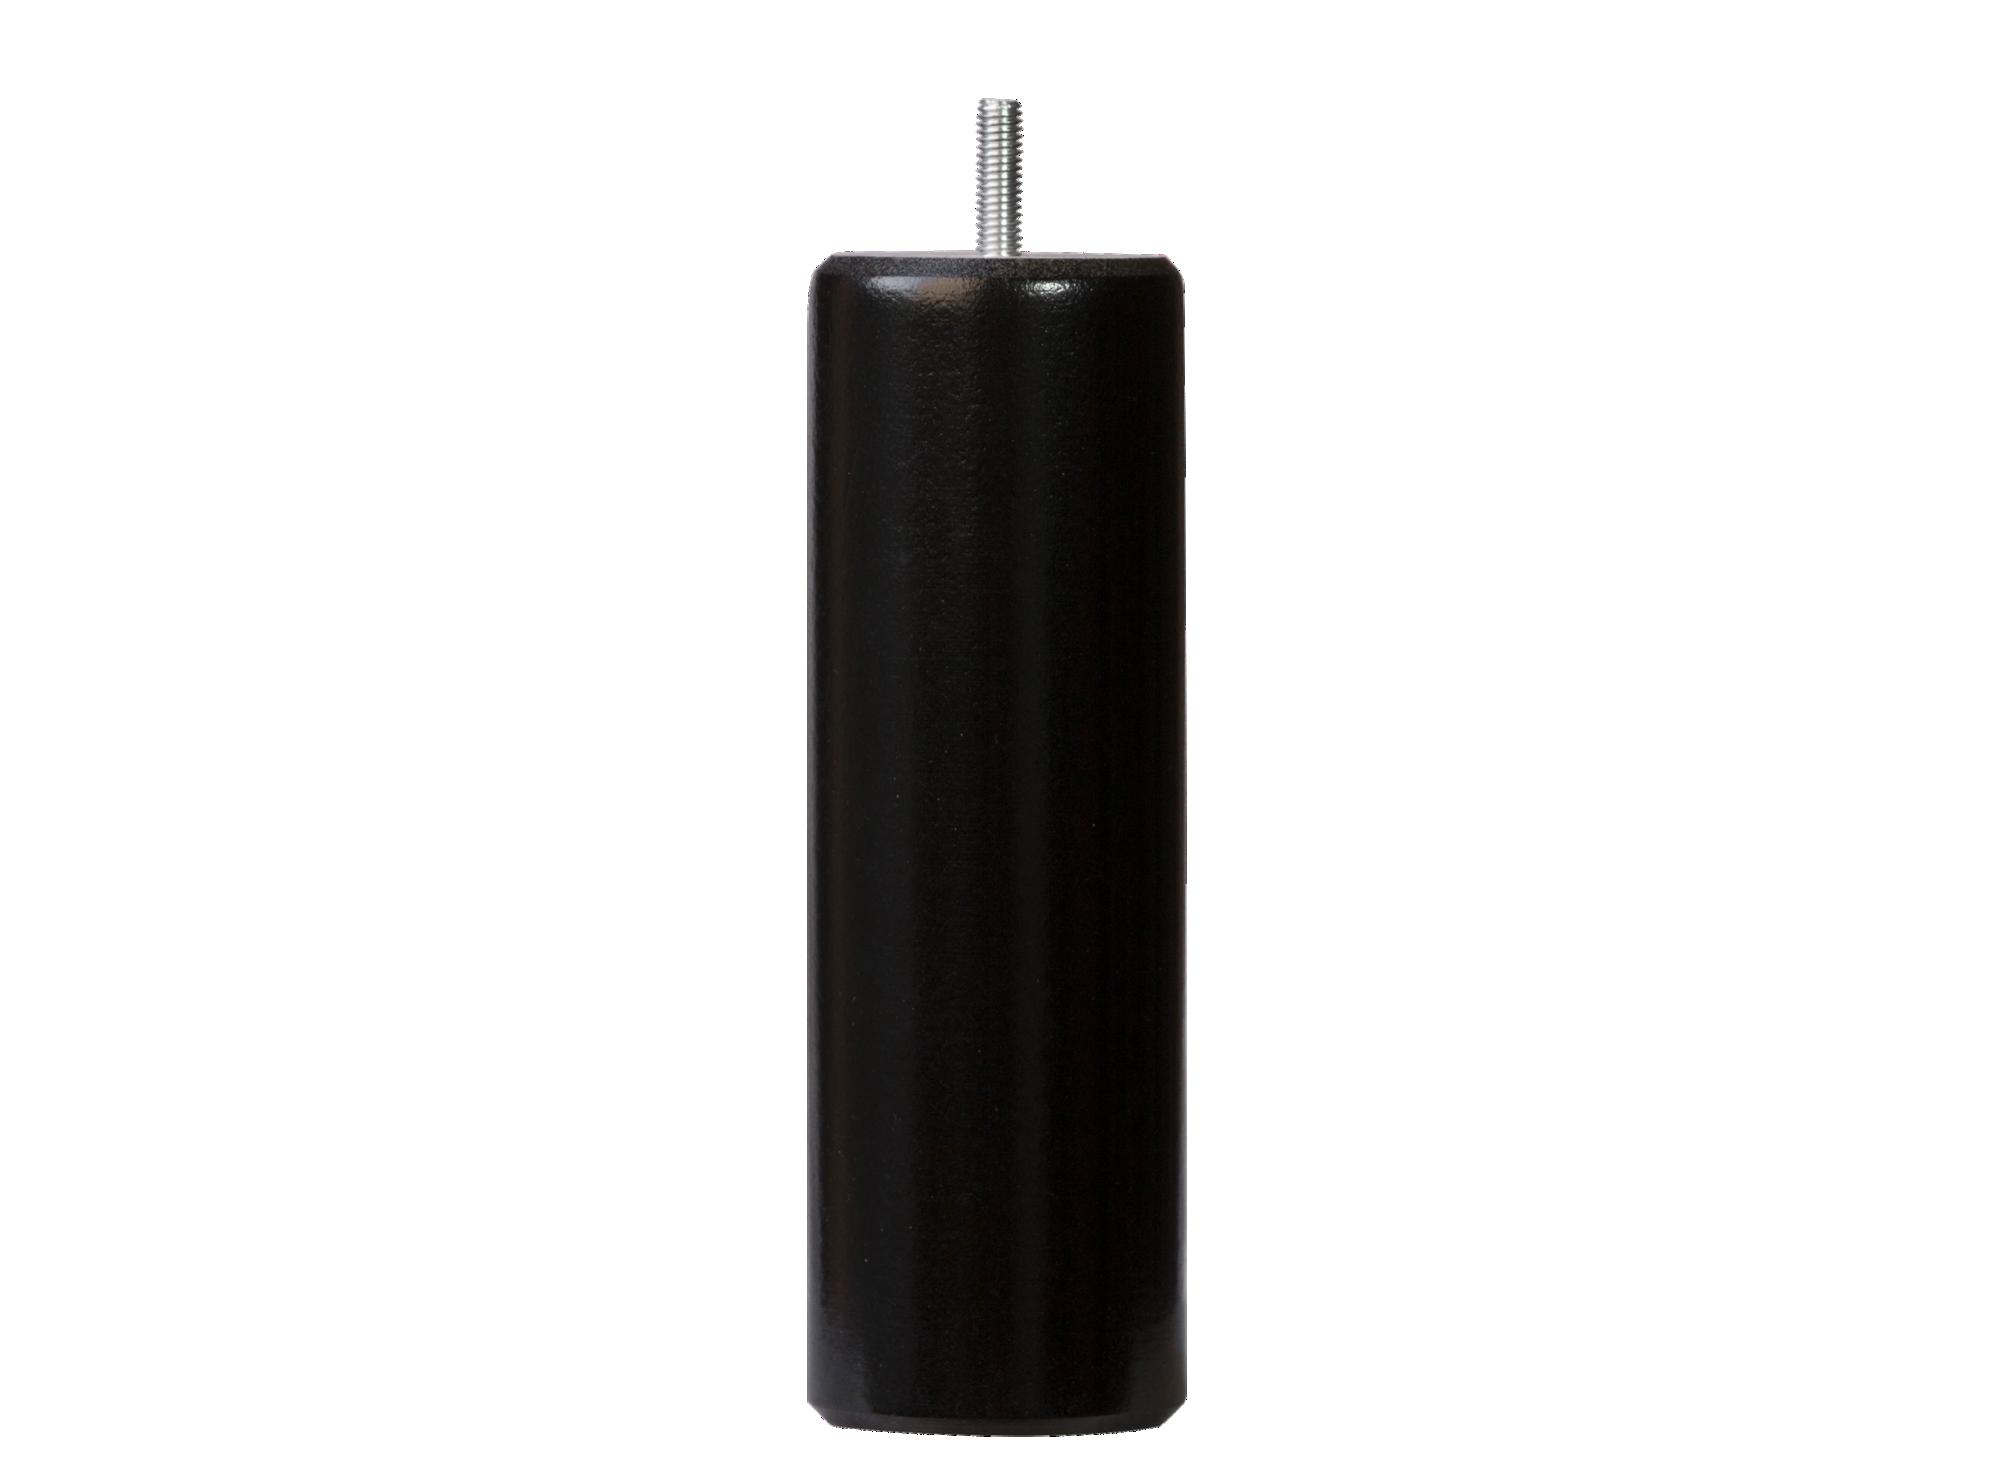 Jeu de 4 pieds cylindre hauteur 19cm diametre 62 vis m8 bois de hetre ...